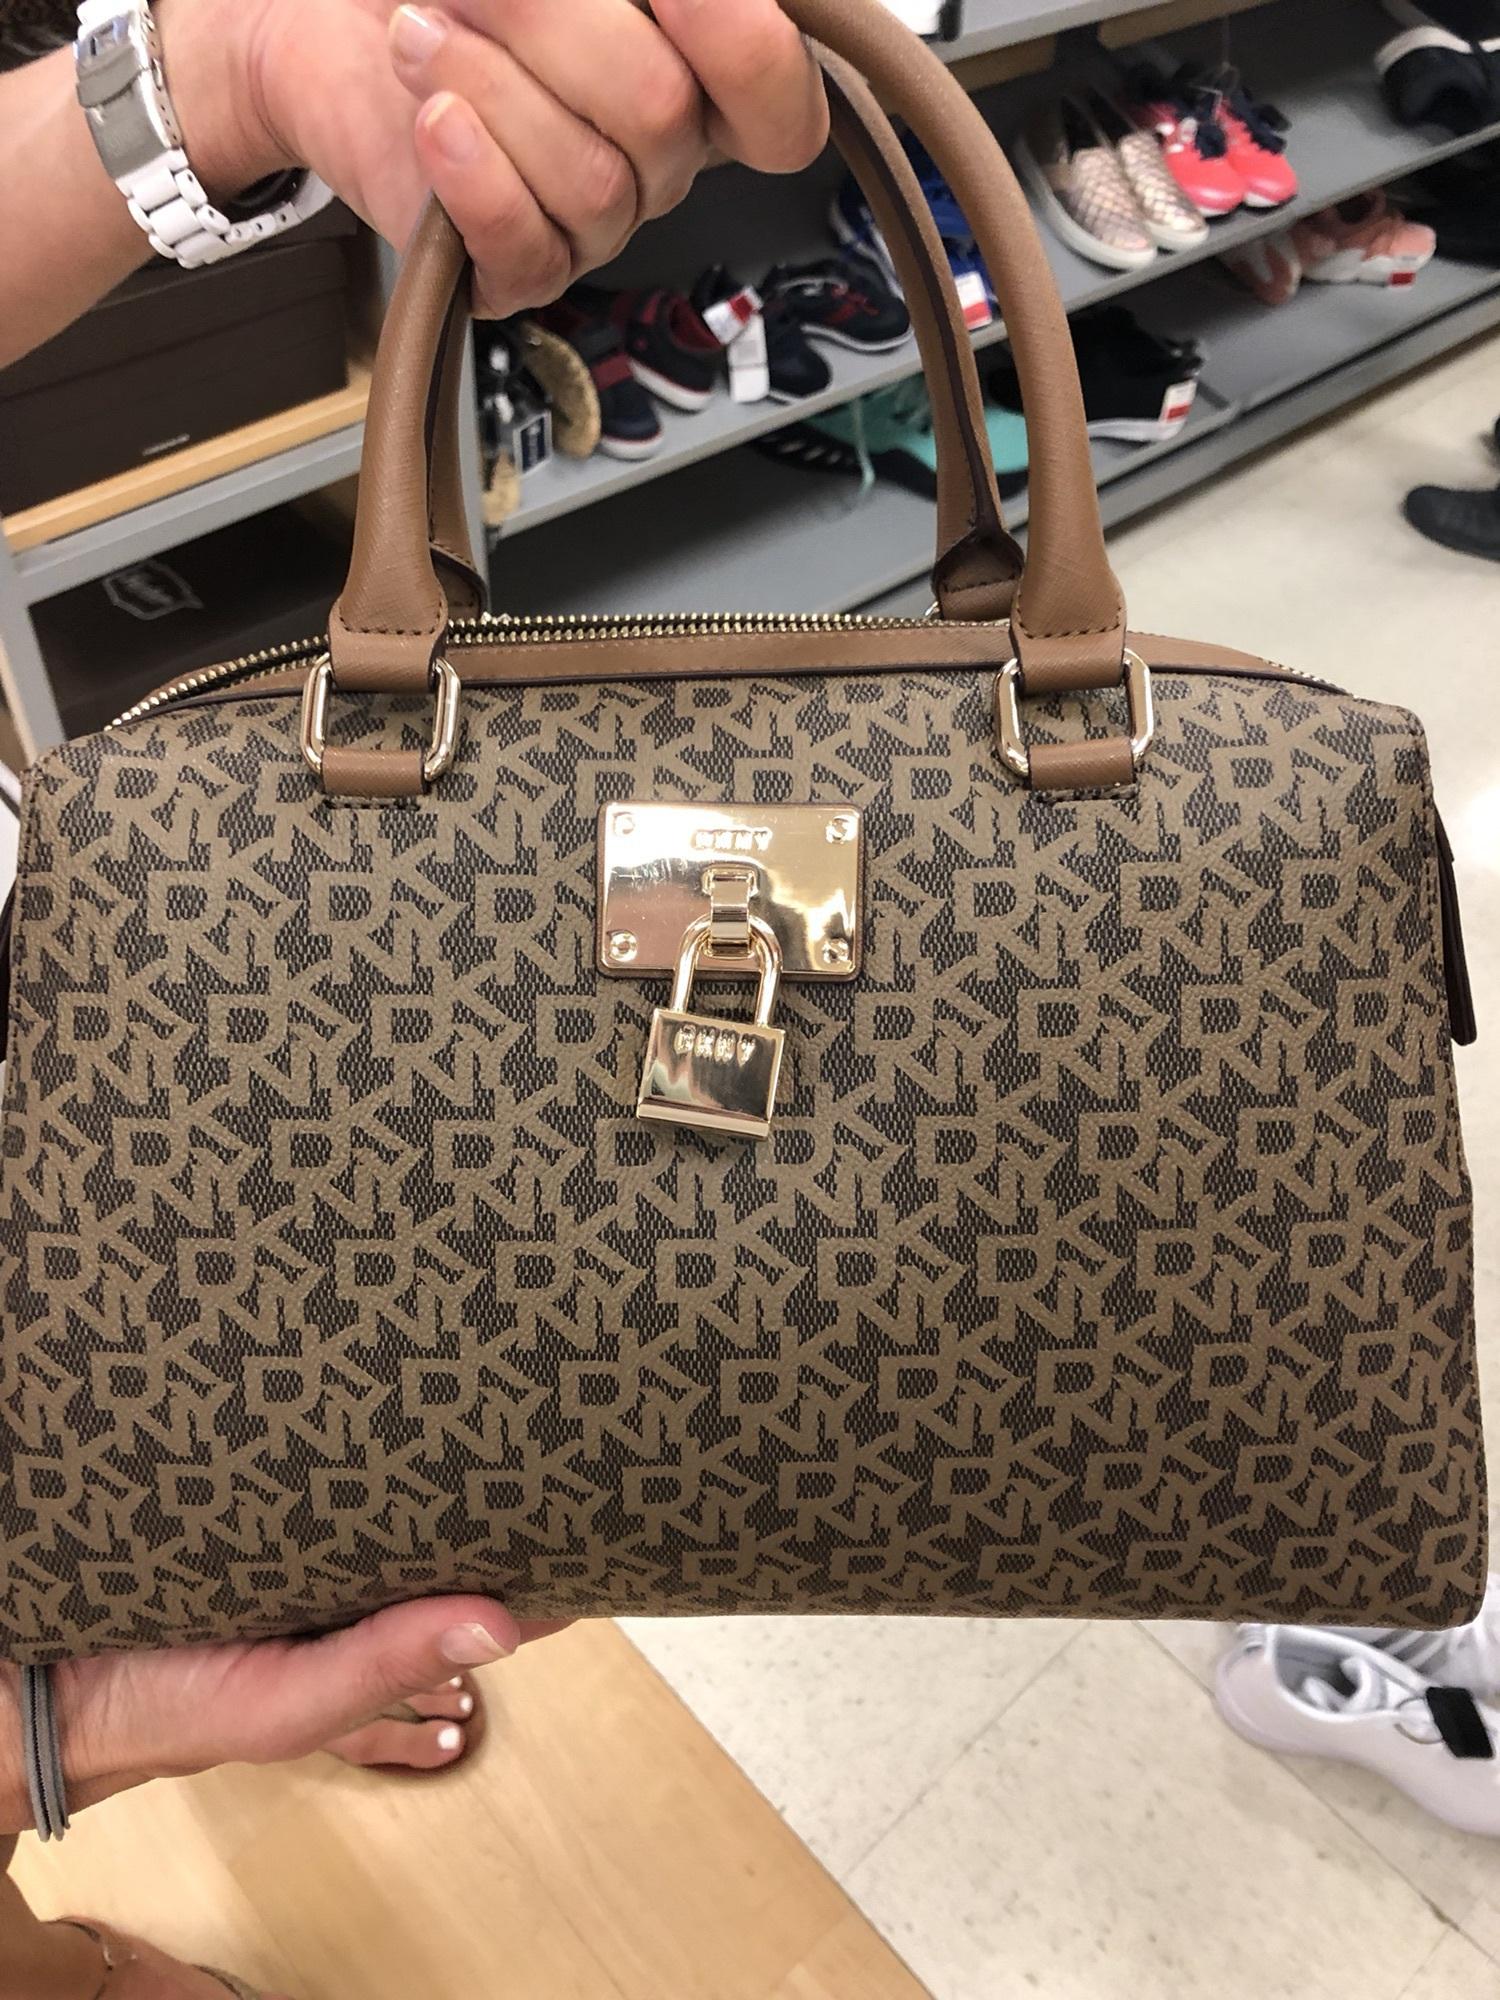 bag dkny bags and purses satchel shoulder bag cute